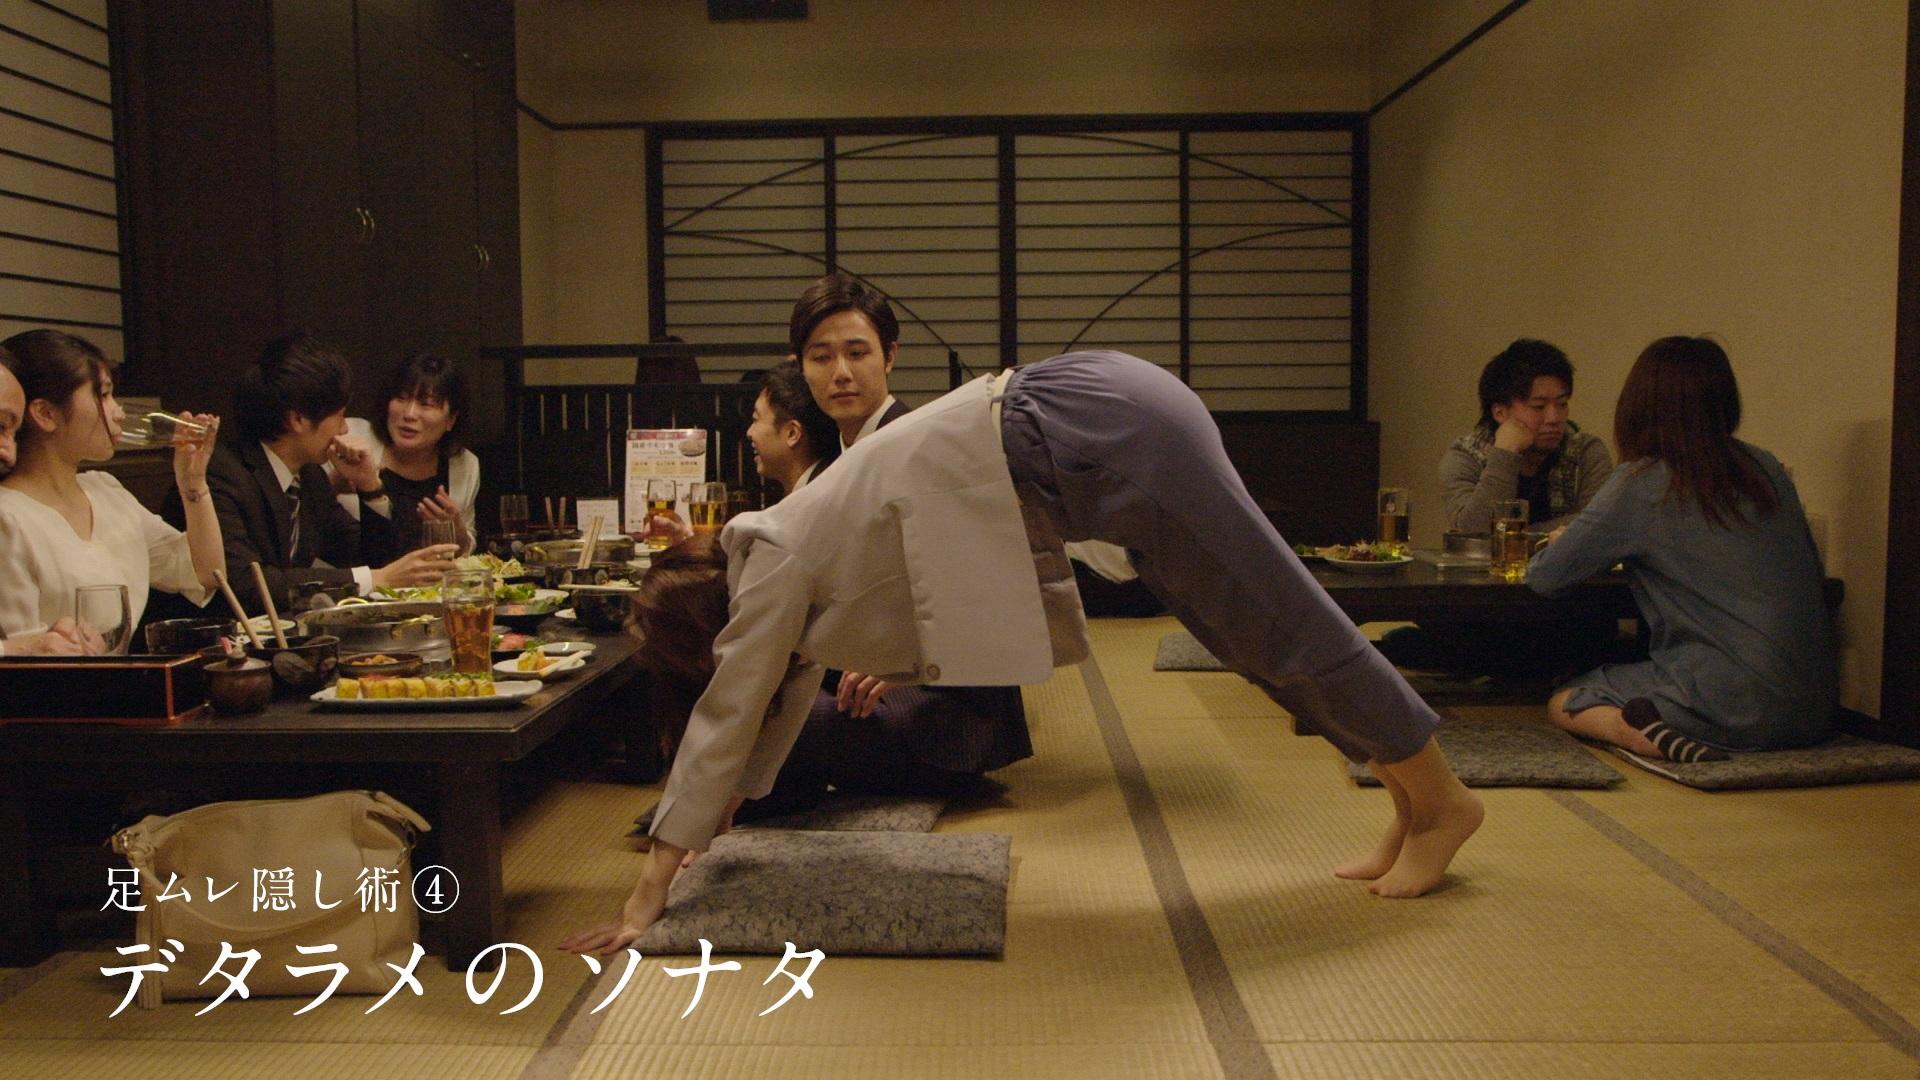 足ムレ女子の日常(出演:馬郡沙奈)